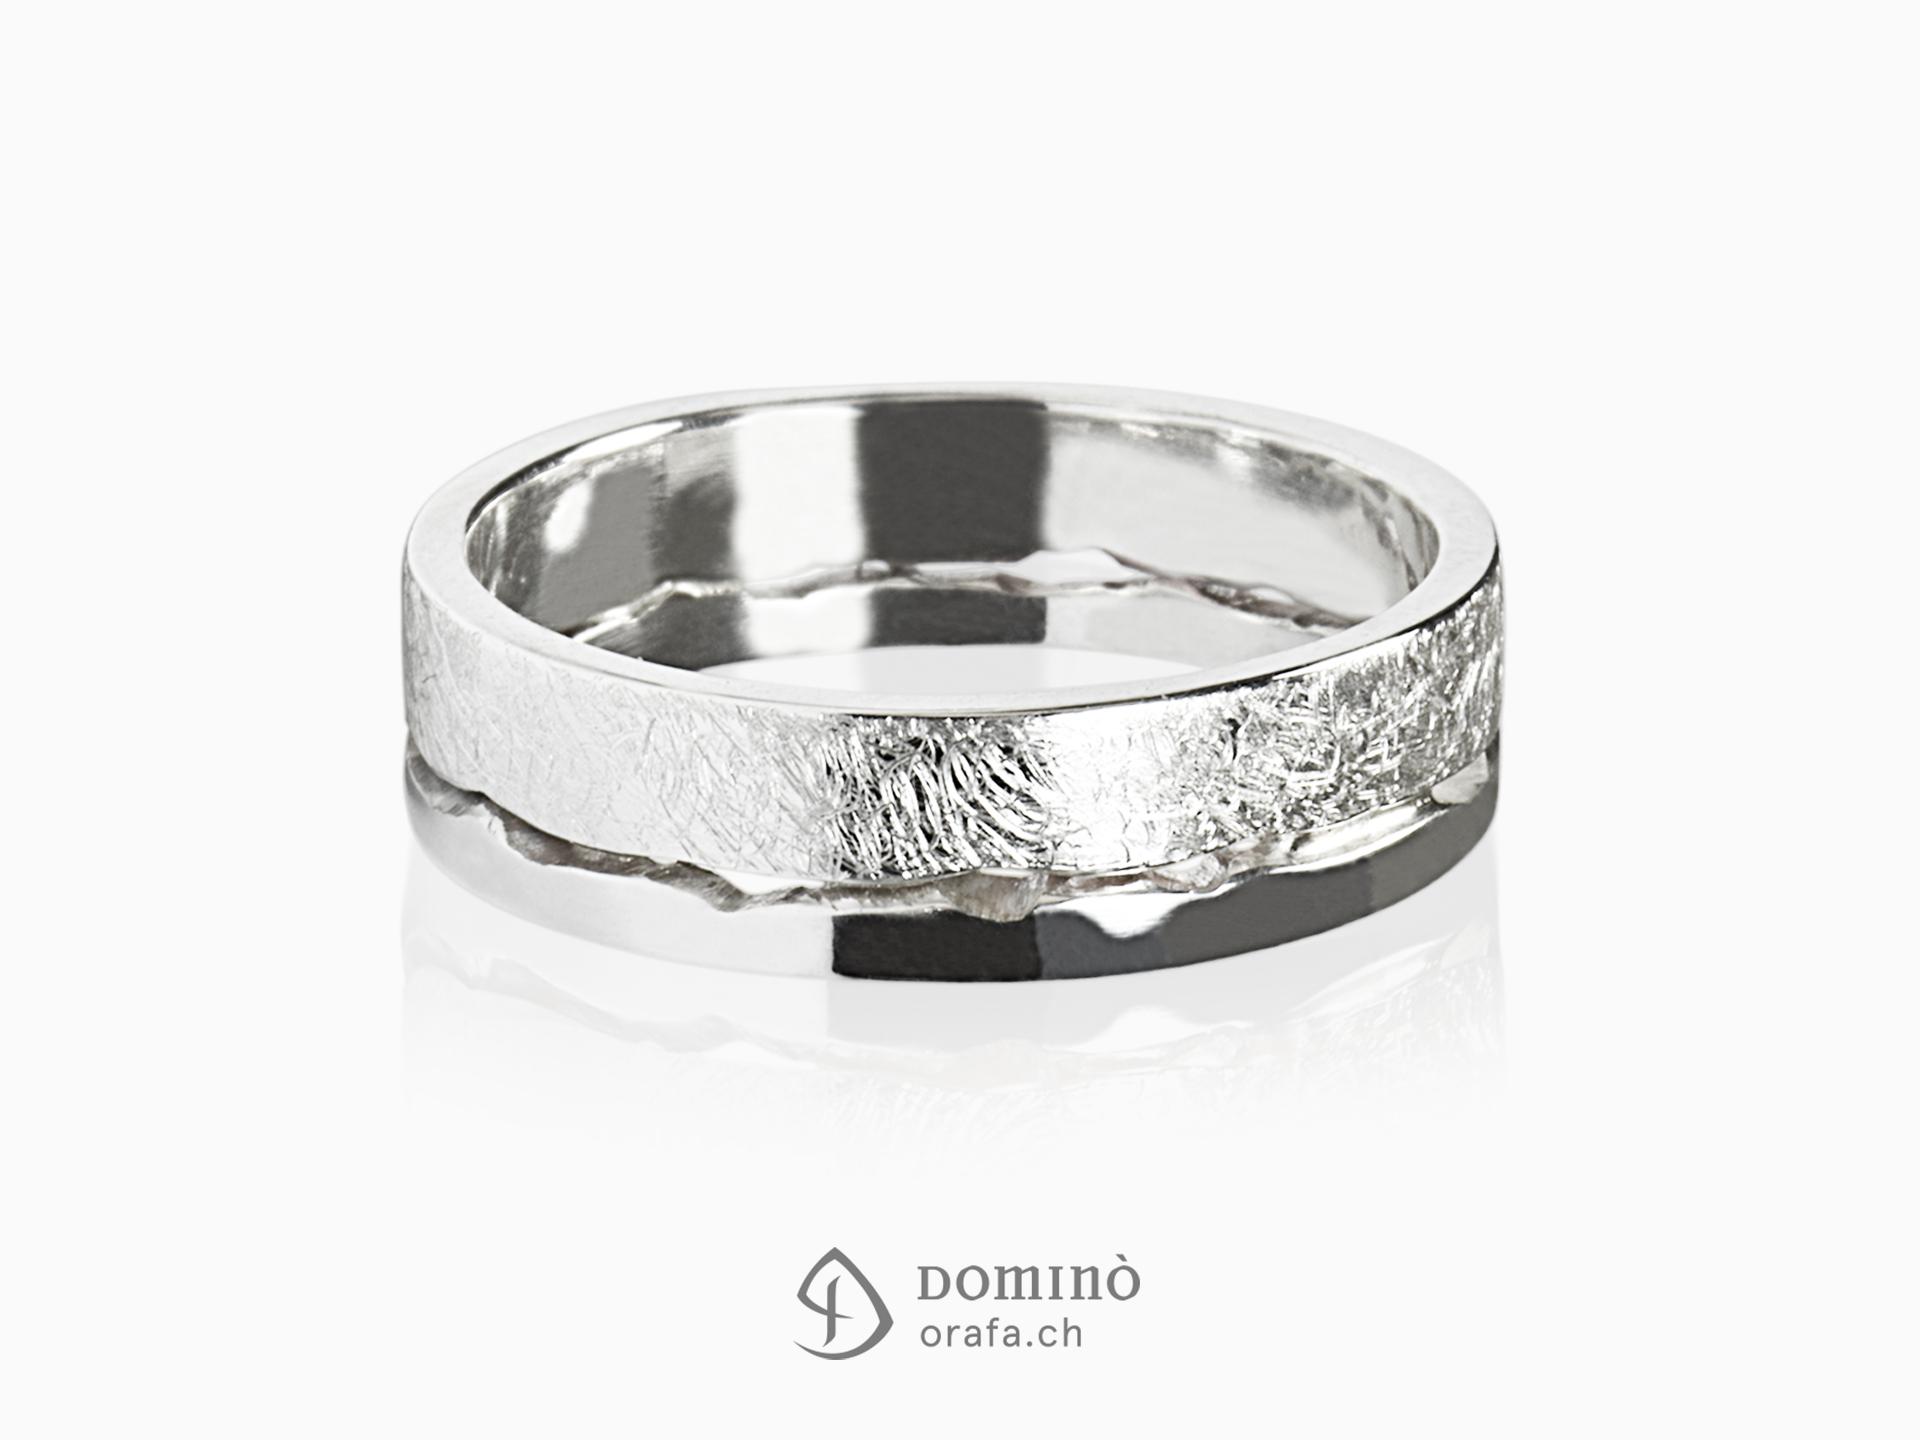 anelli-doppi-frastagliati-lucido-graffiato-oro-bianco